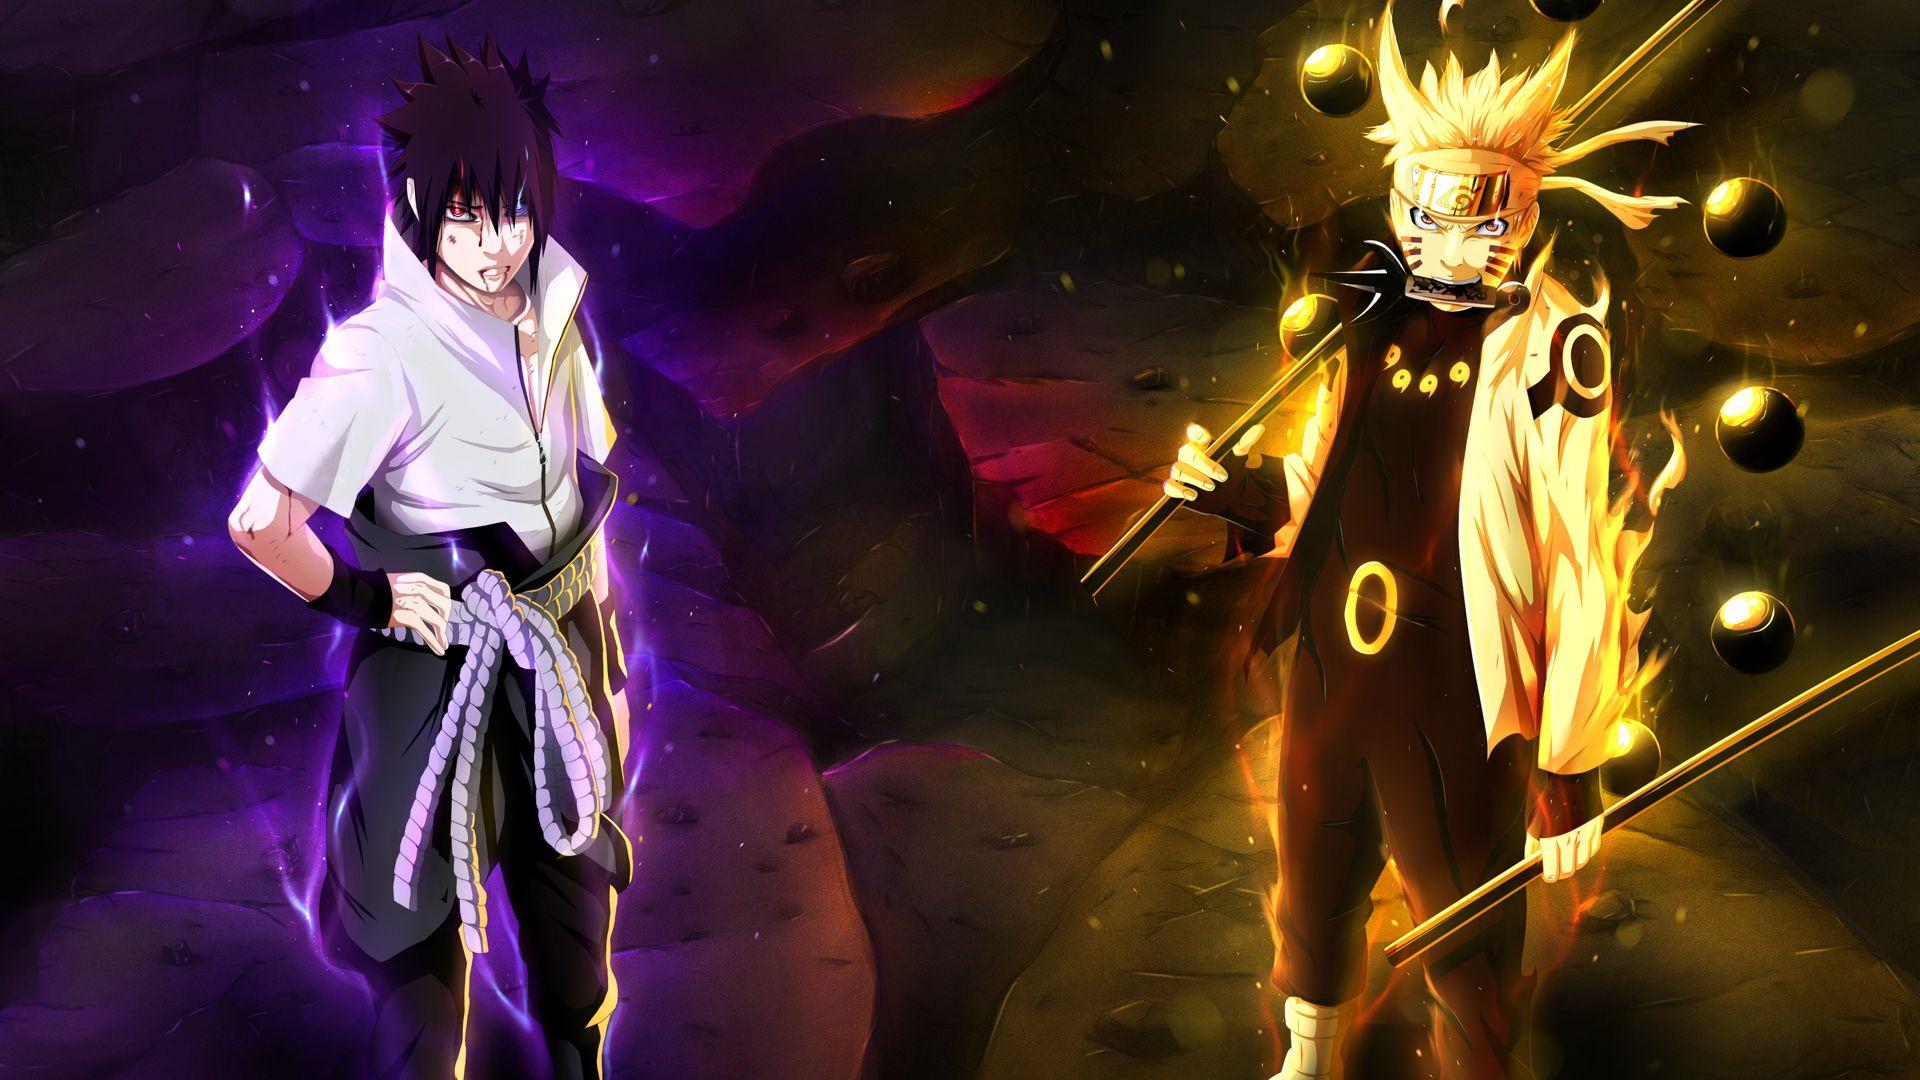 Naruto And Sasuke Six Paths Naruto Uzumaki Sage Of Six Path And